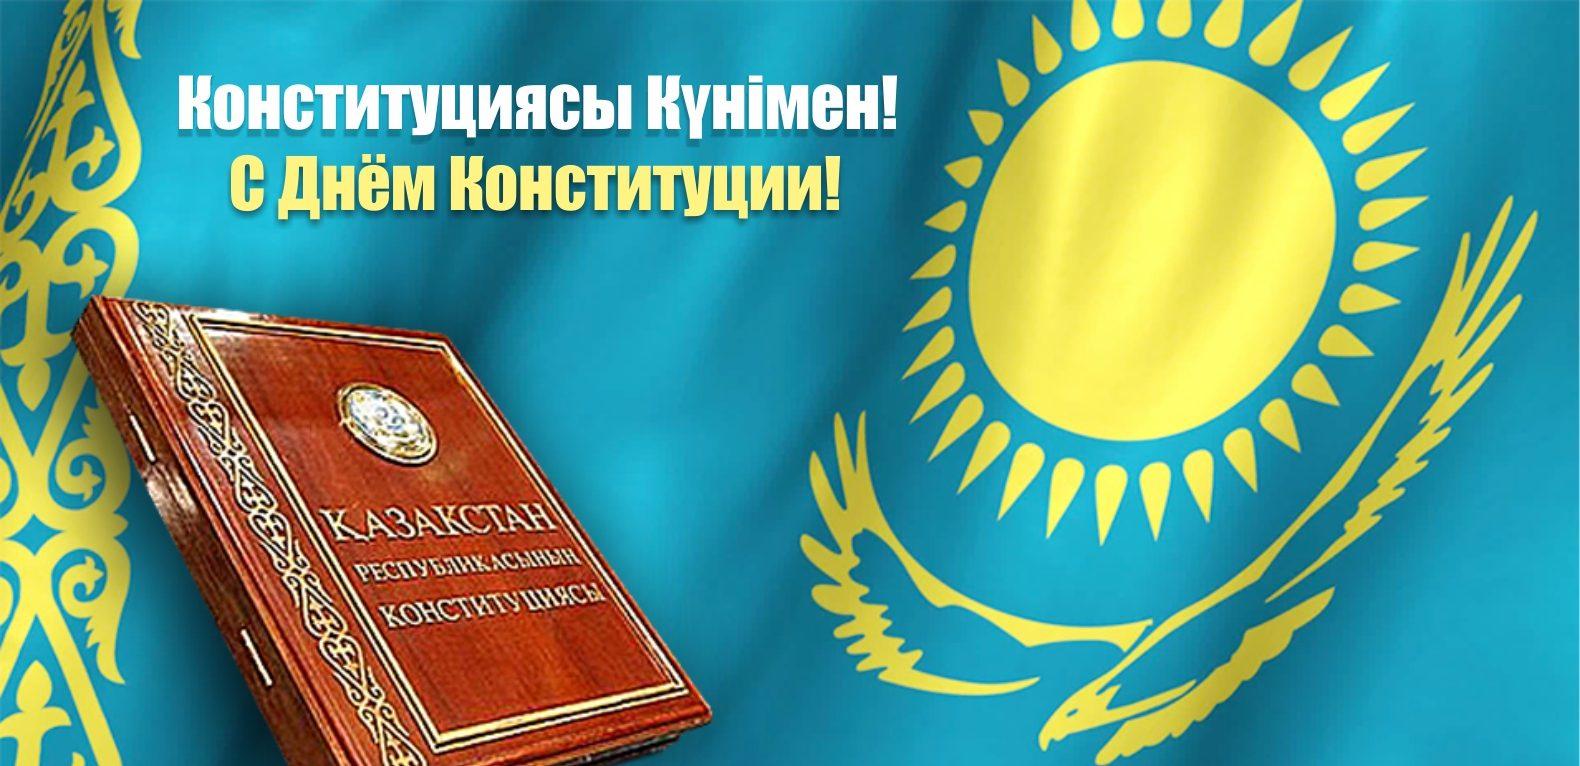 Открытки с днем конституции республики казахстан